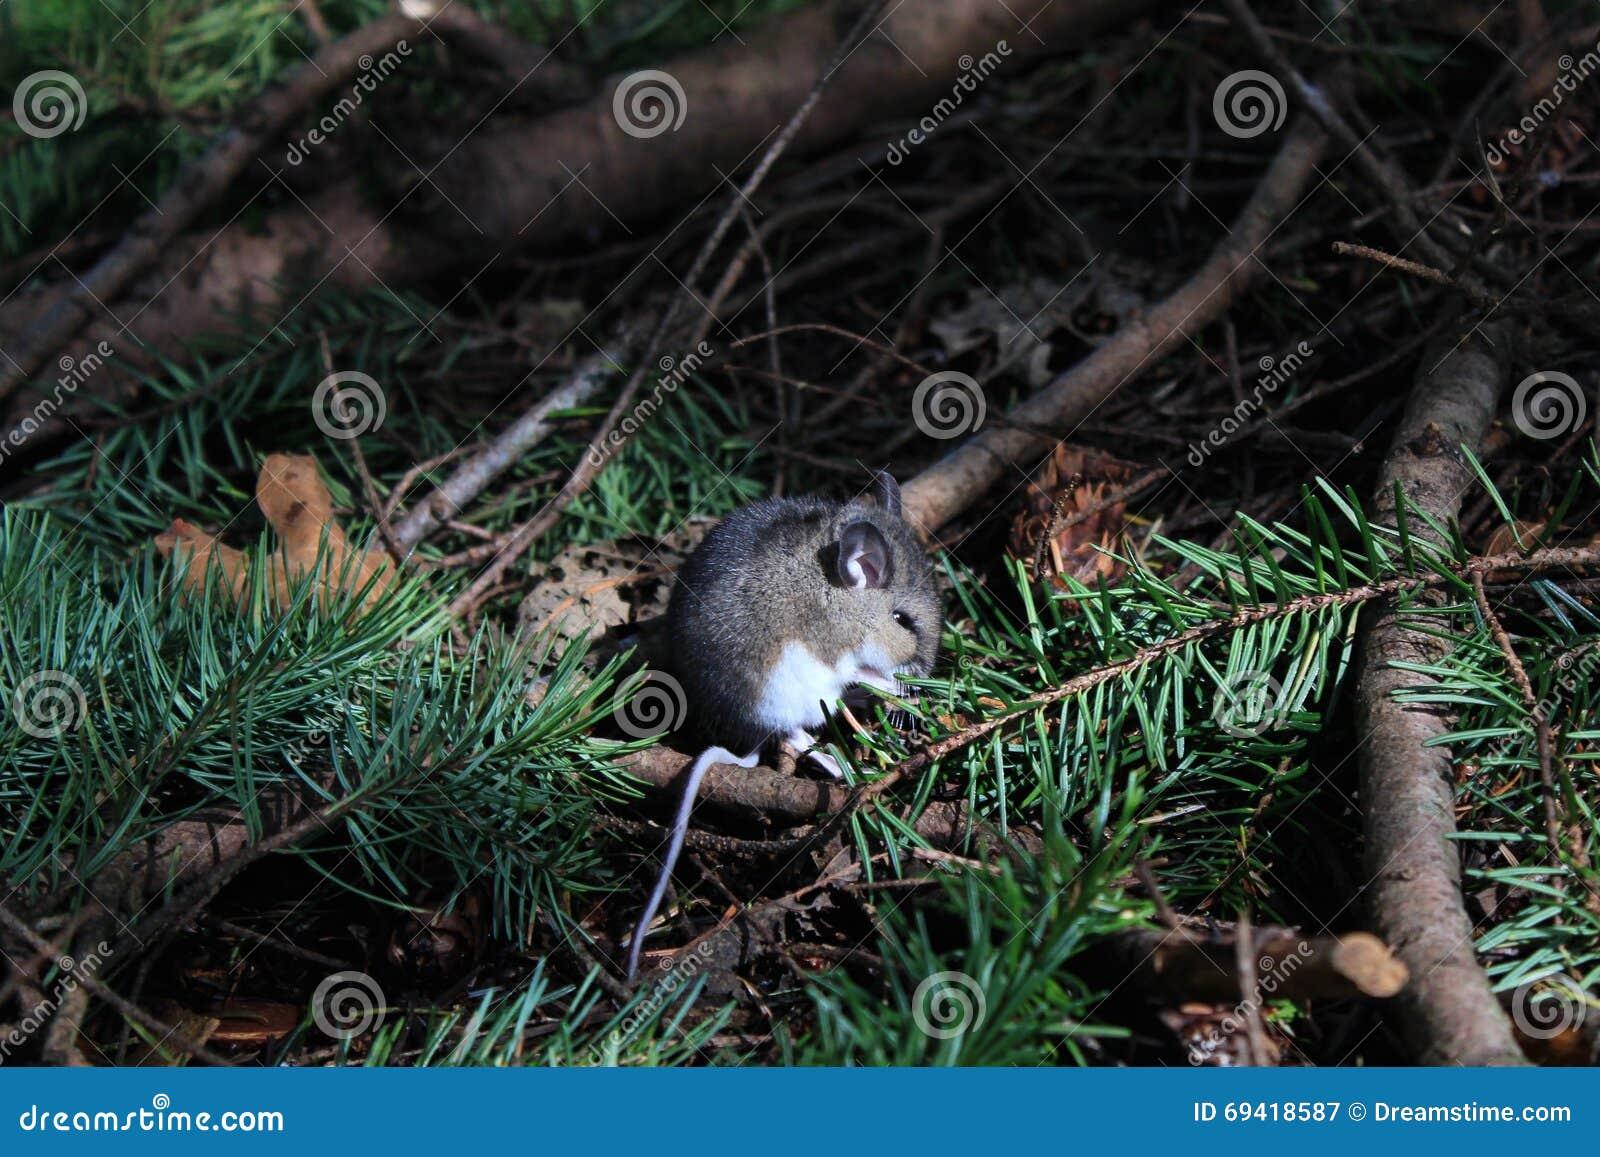 Мышь на поле леса